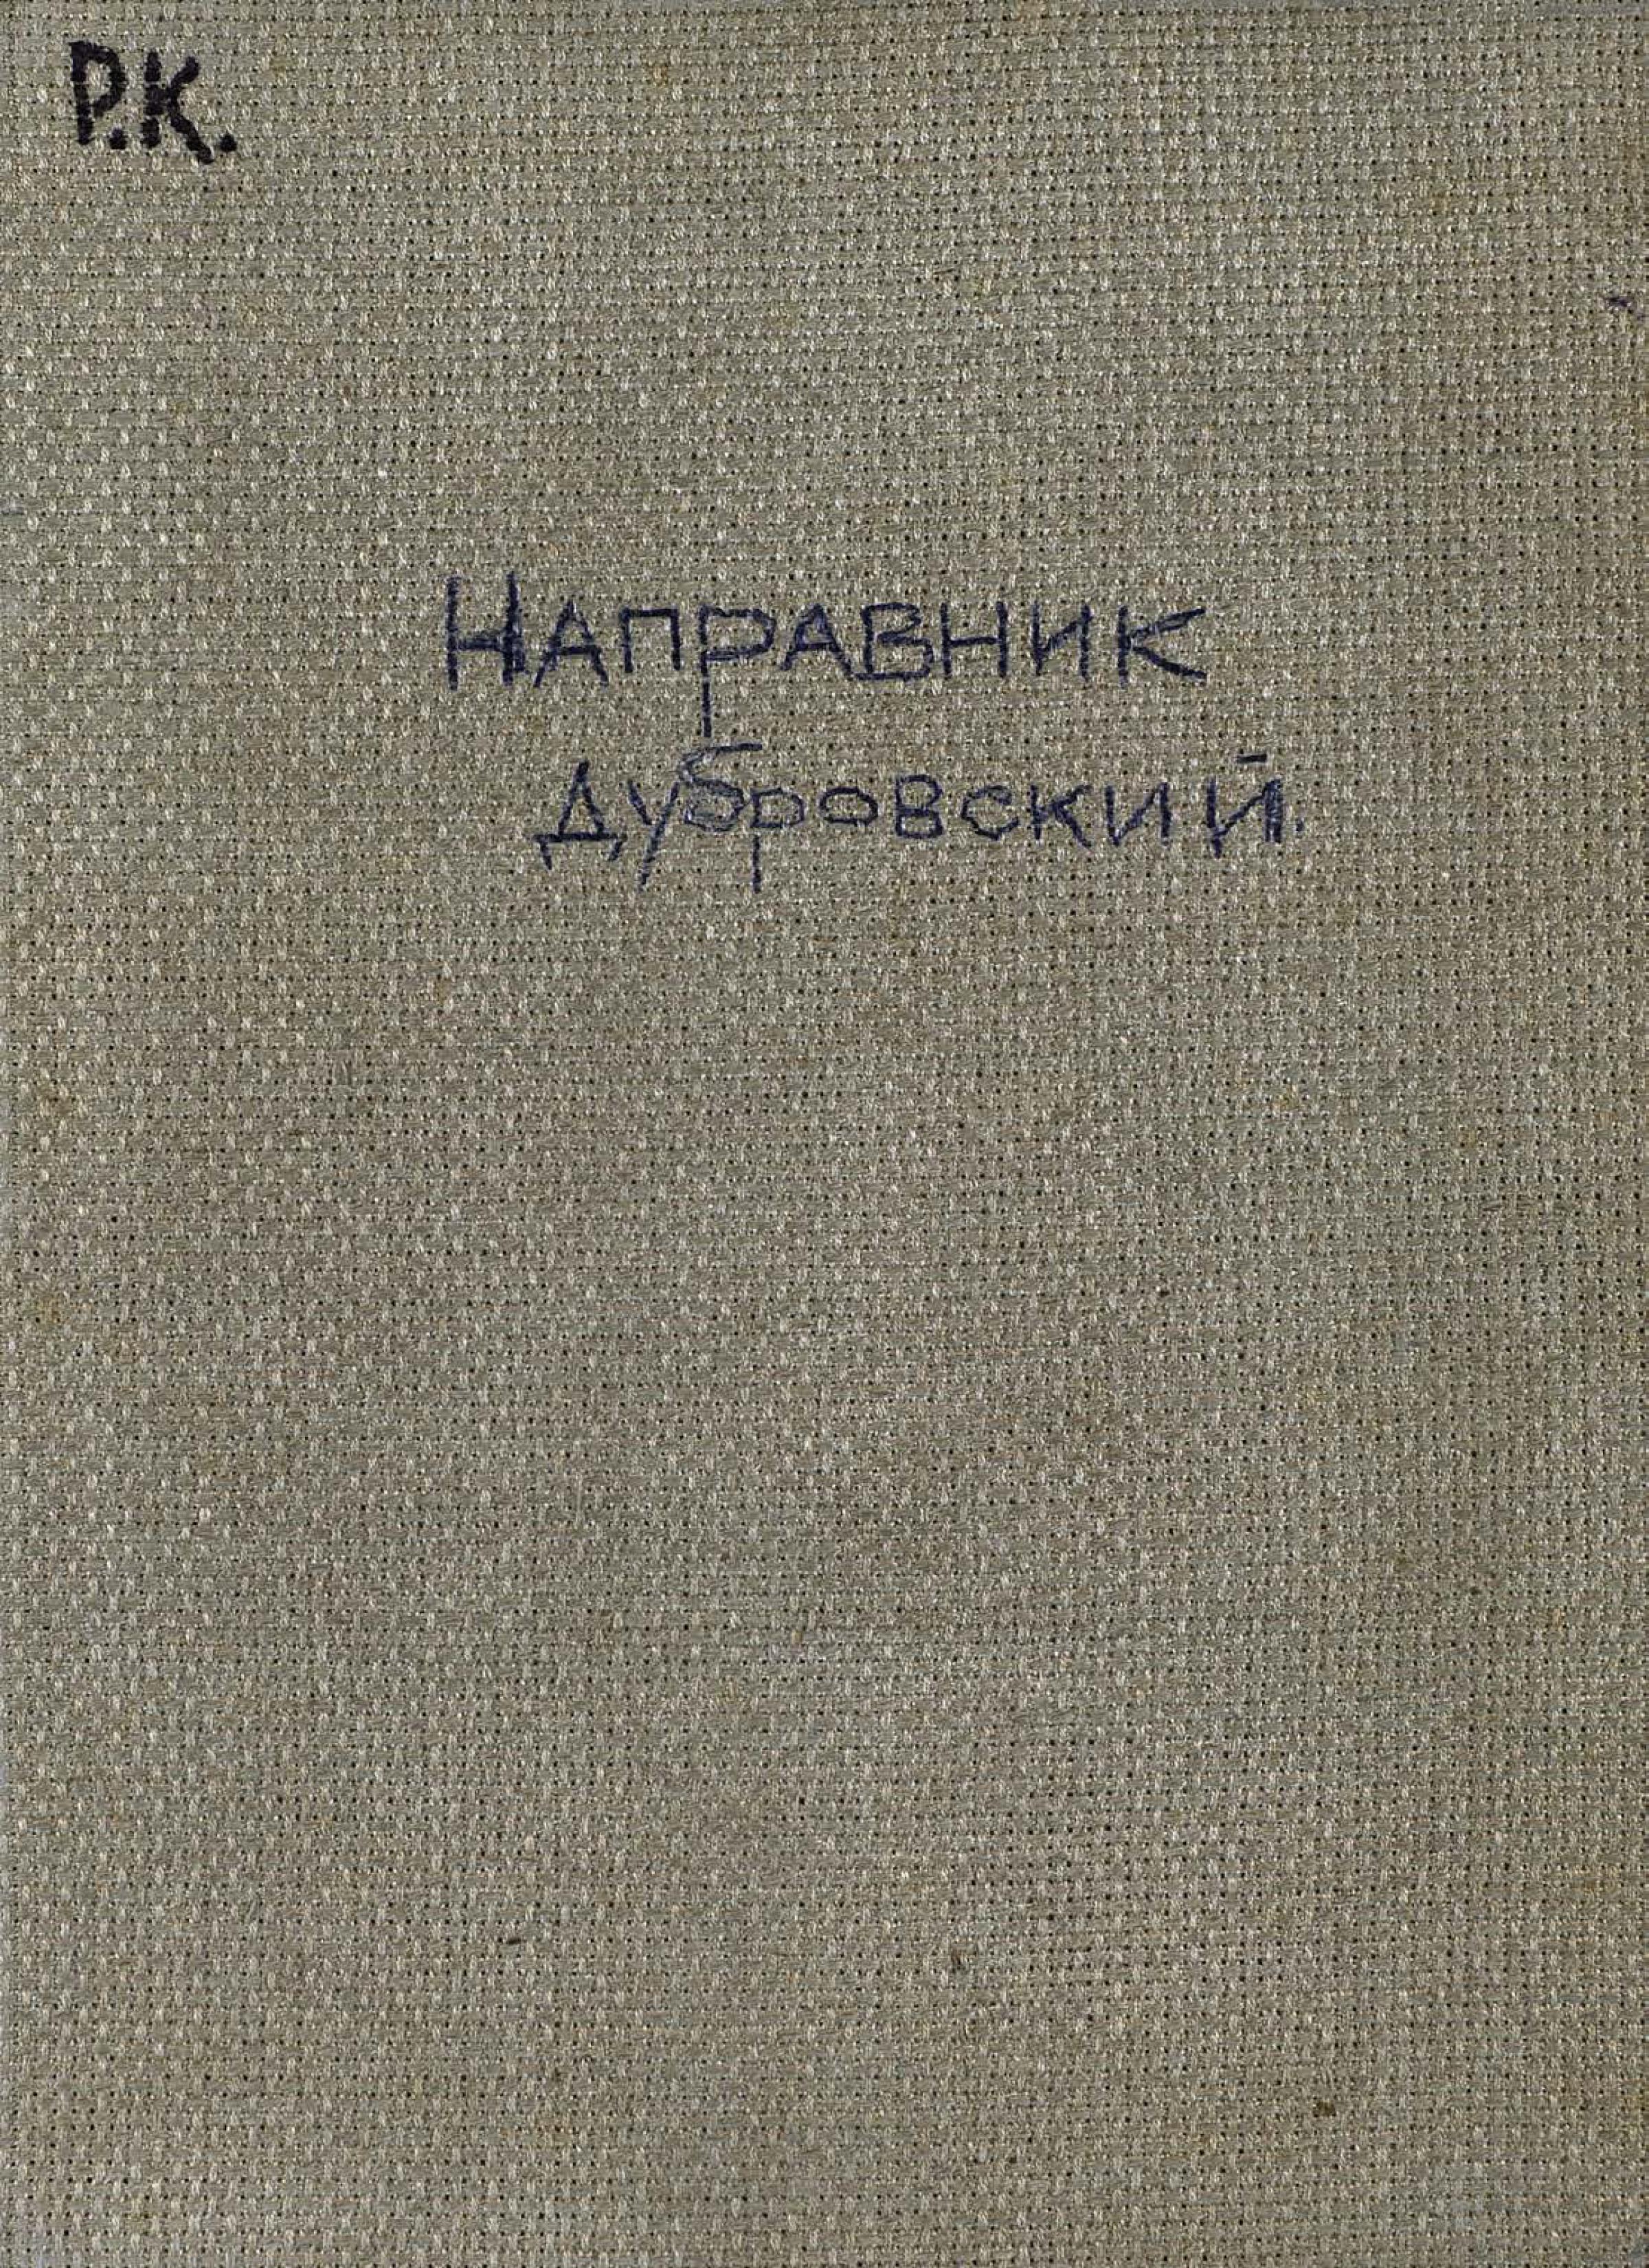 Эдуард Францевич Направник Дубровский дубровский